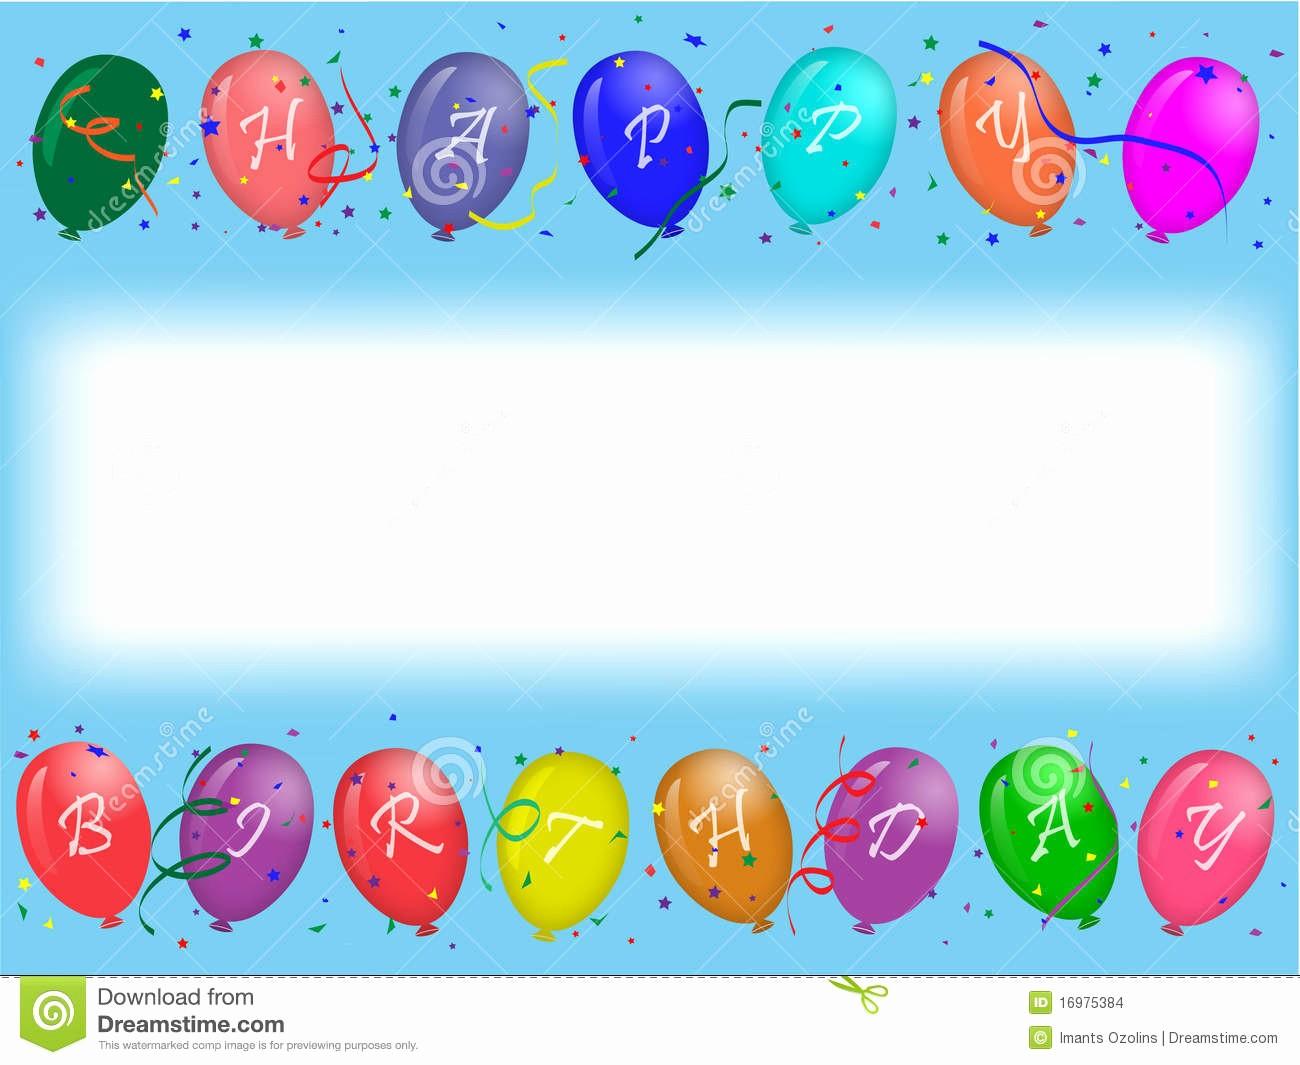 Fondos Para Tarjetas De Cumpleaños Luxury Tarjeta De Felicitación Del Cumpleaños Con Los Globos Del